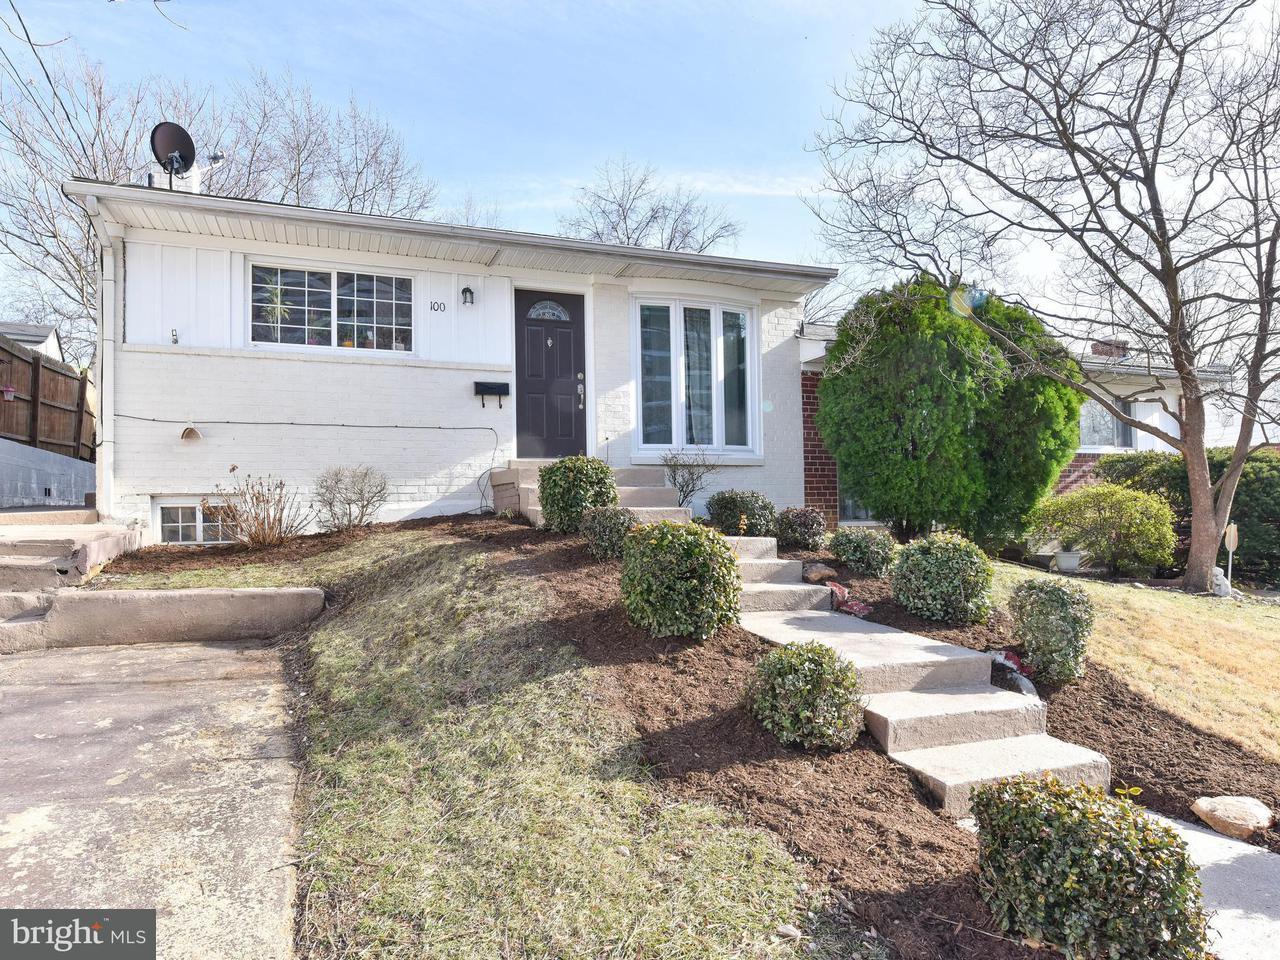 Doppelhaus für Verkauf beim 100 Jordan St S 100 Jordan St S Alexandria, Virginia 22304 Vereinigte Staaten